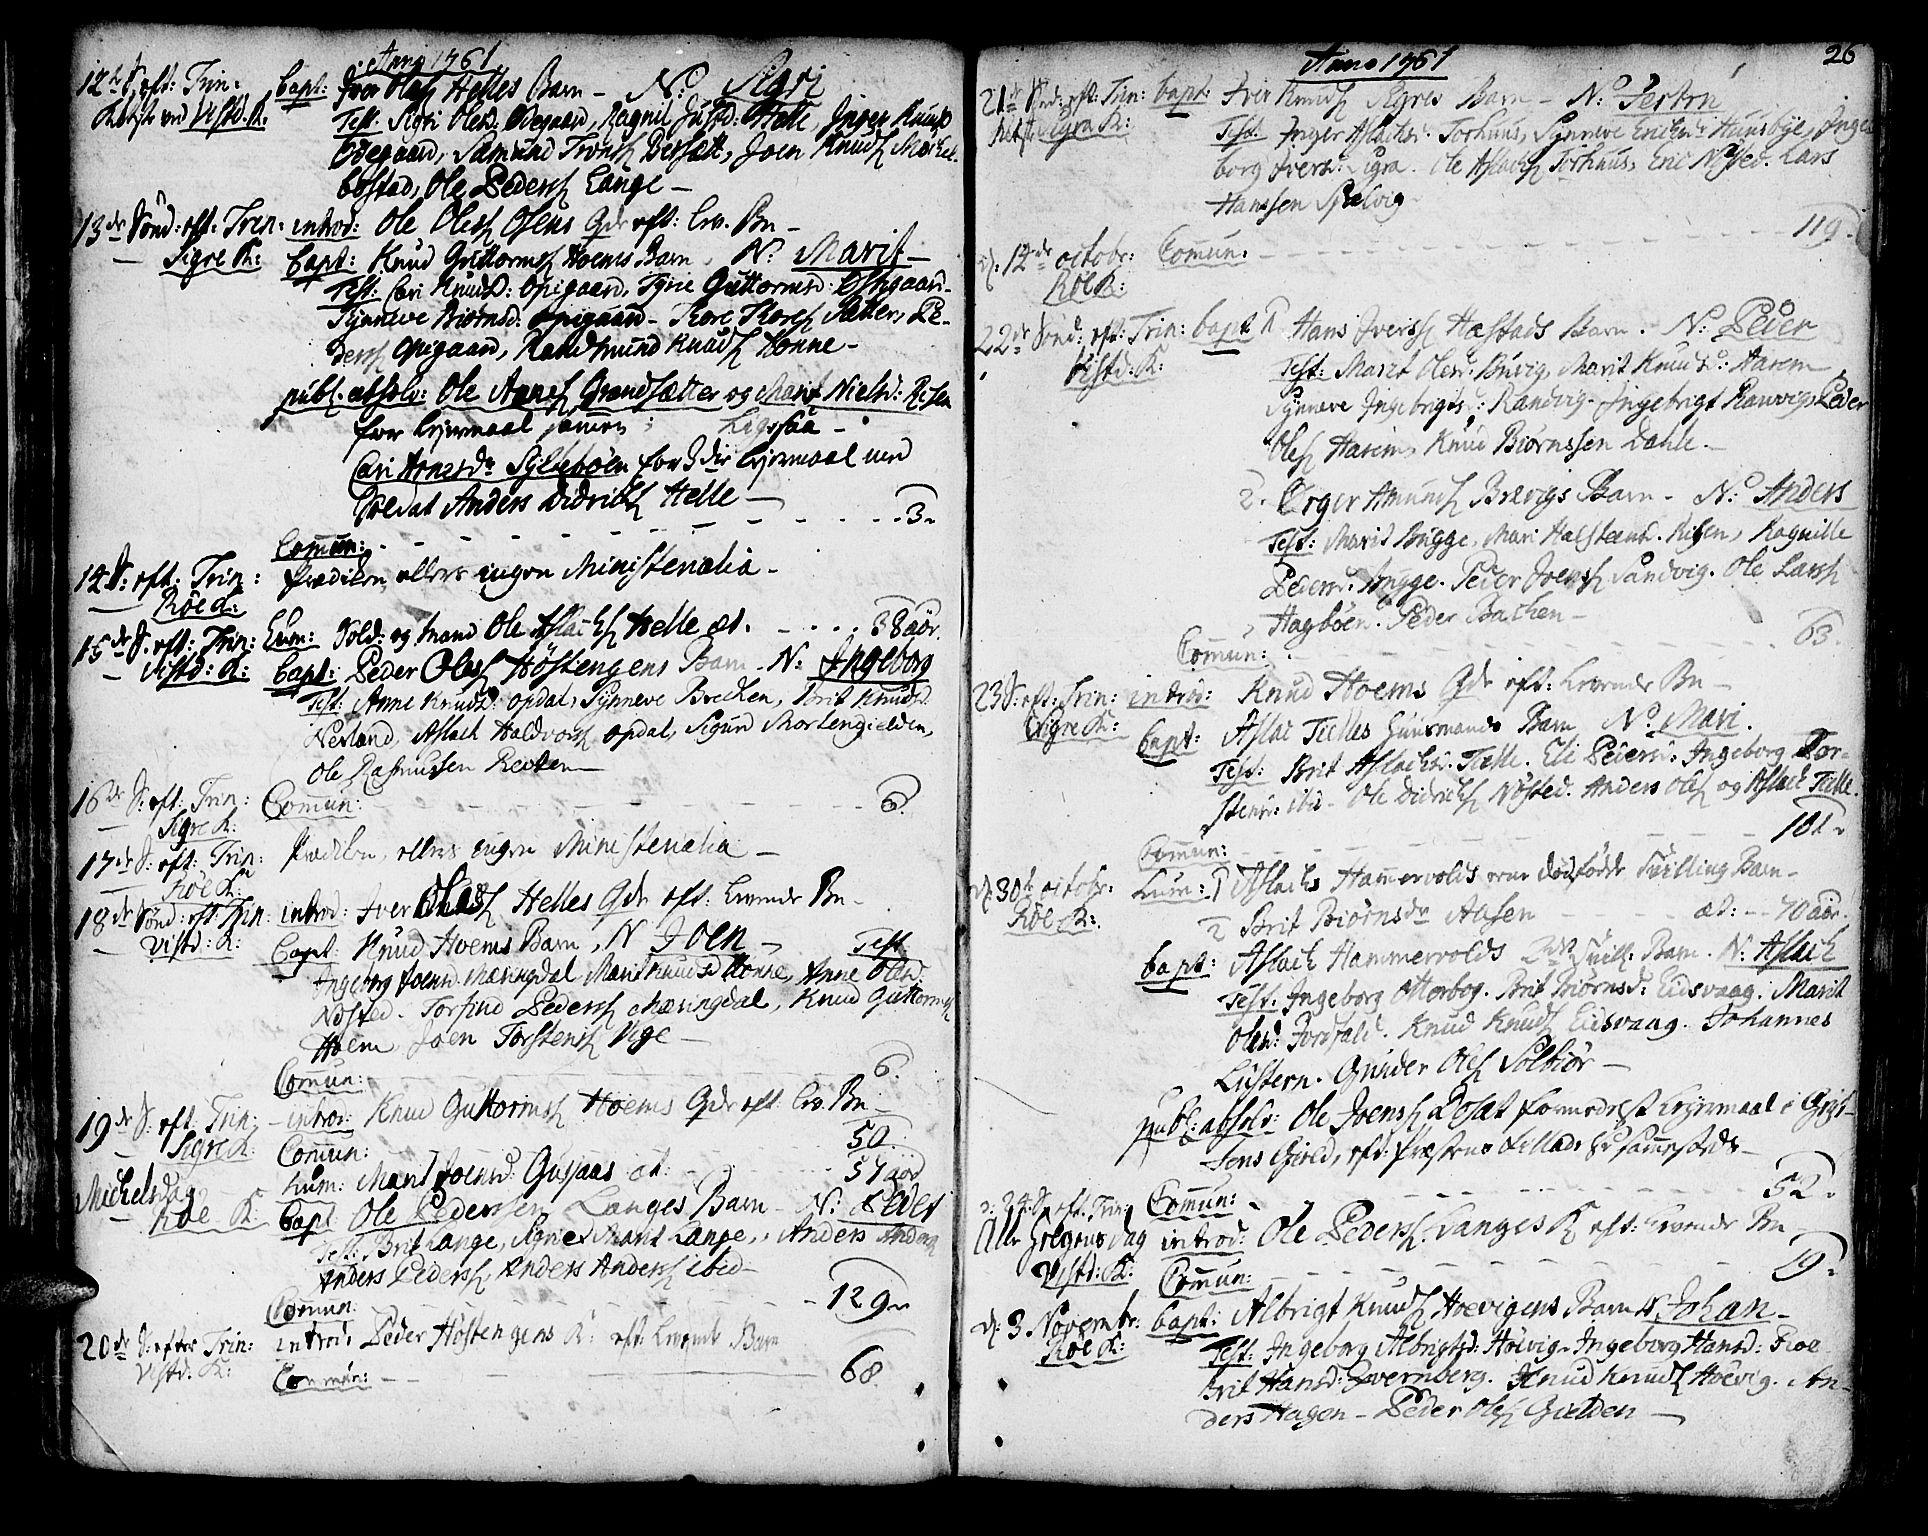 SAT, Ministerialprotokoller, klokkerbøker og fødselsregistre - Møre og Romsdal, 551/L0621: Ministerialbok nr. 551A01, 1757-1803, s. 26